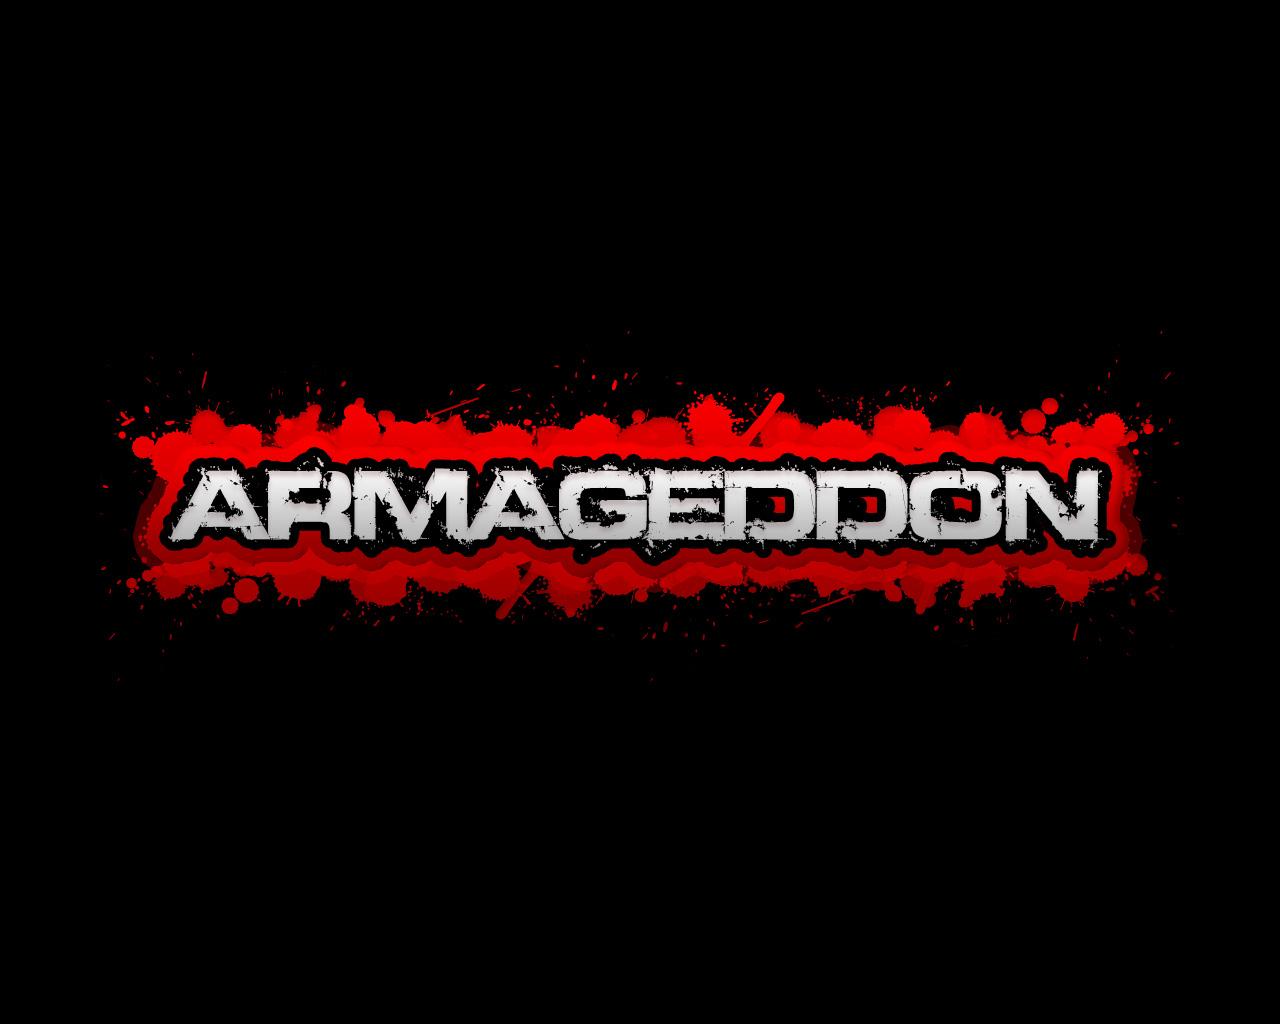 Armageddon wallpaper v6x by marlporo on DeviantArt